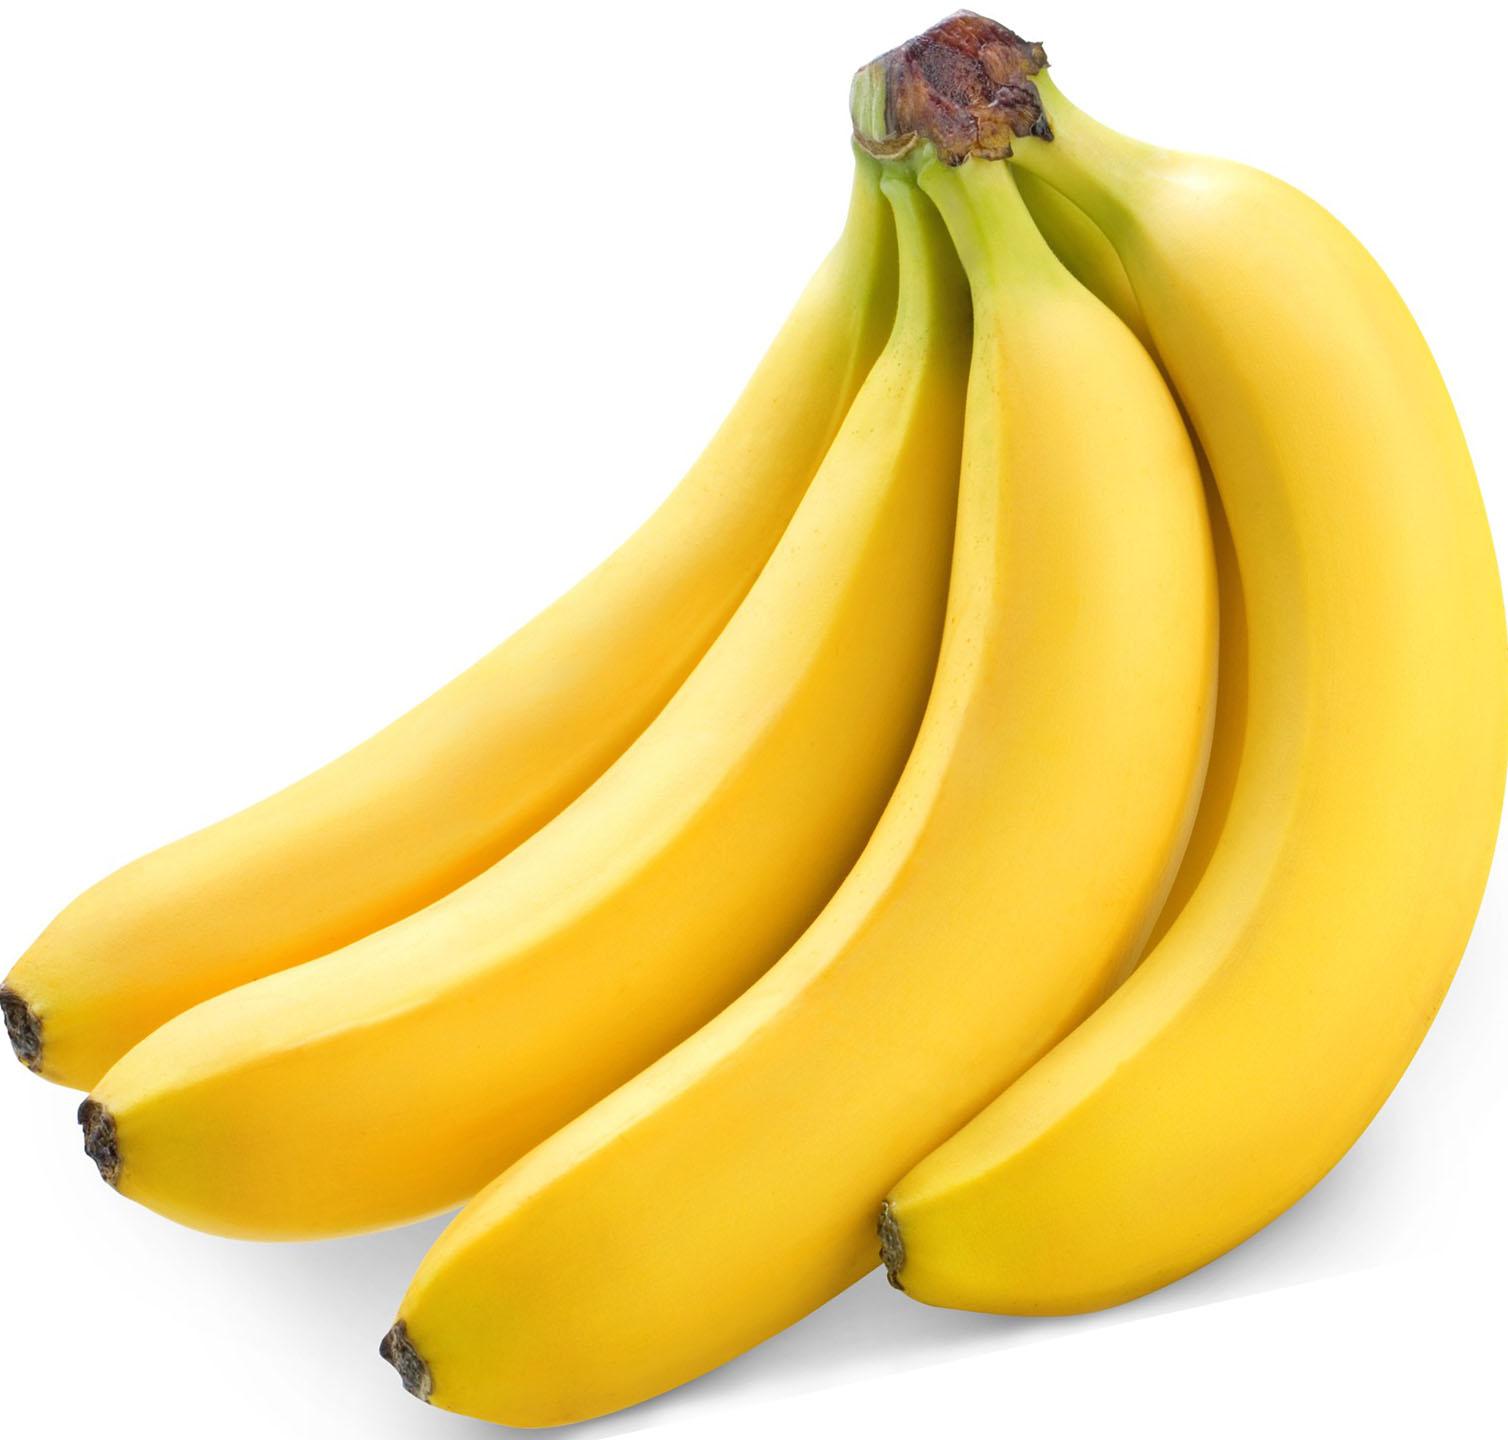 Bananen 1 kg für nur 0,88€ @Aldi Nord ab 25.06